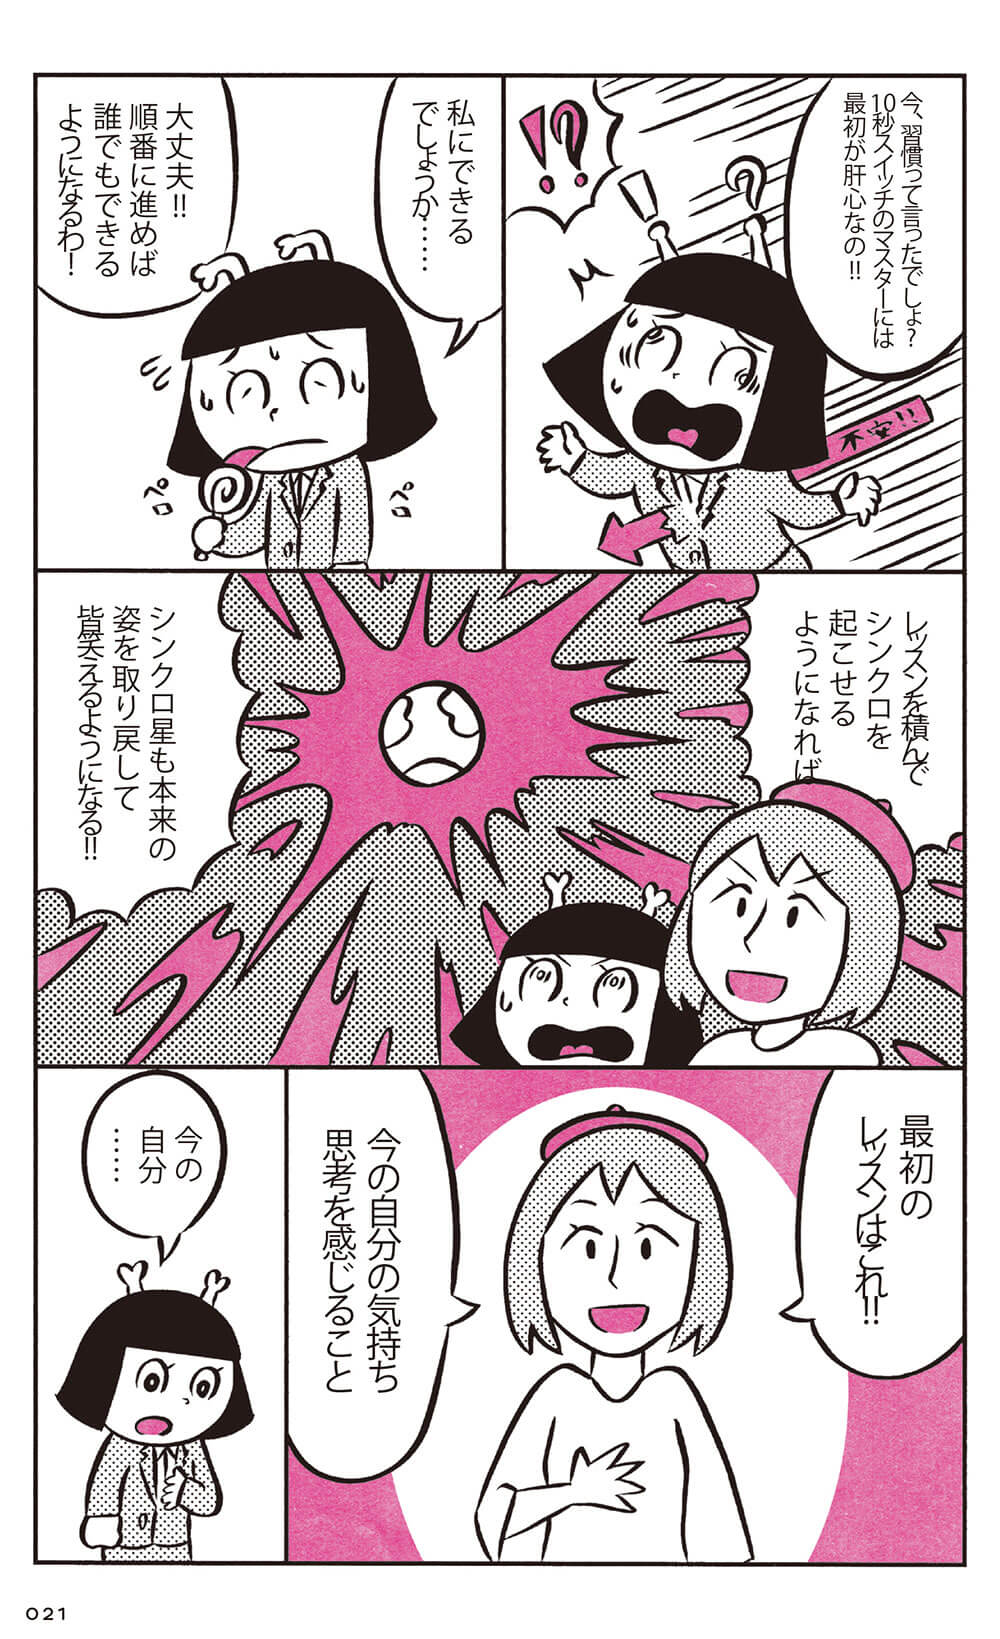 シンクロ 漫画 無料